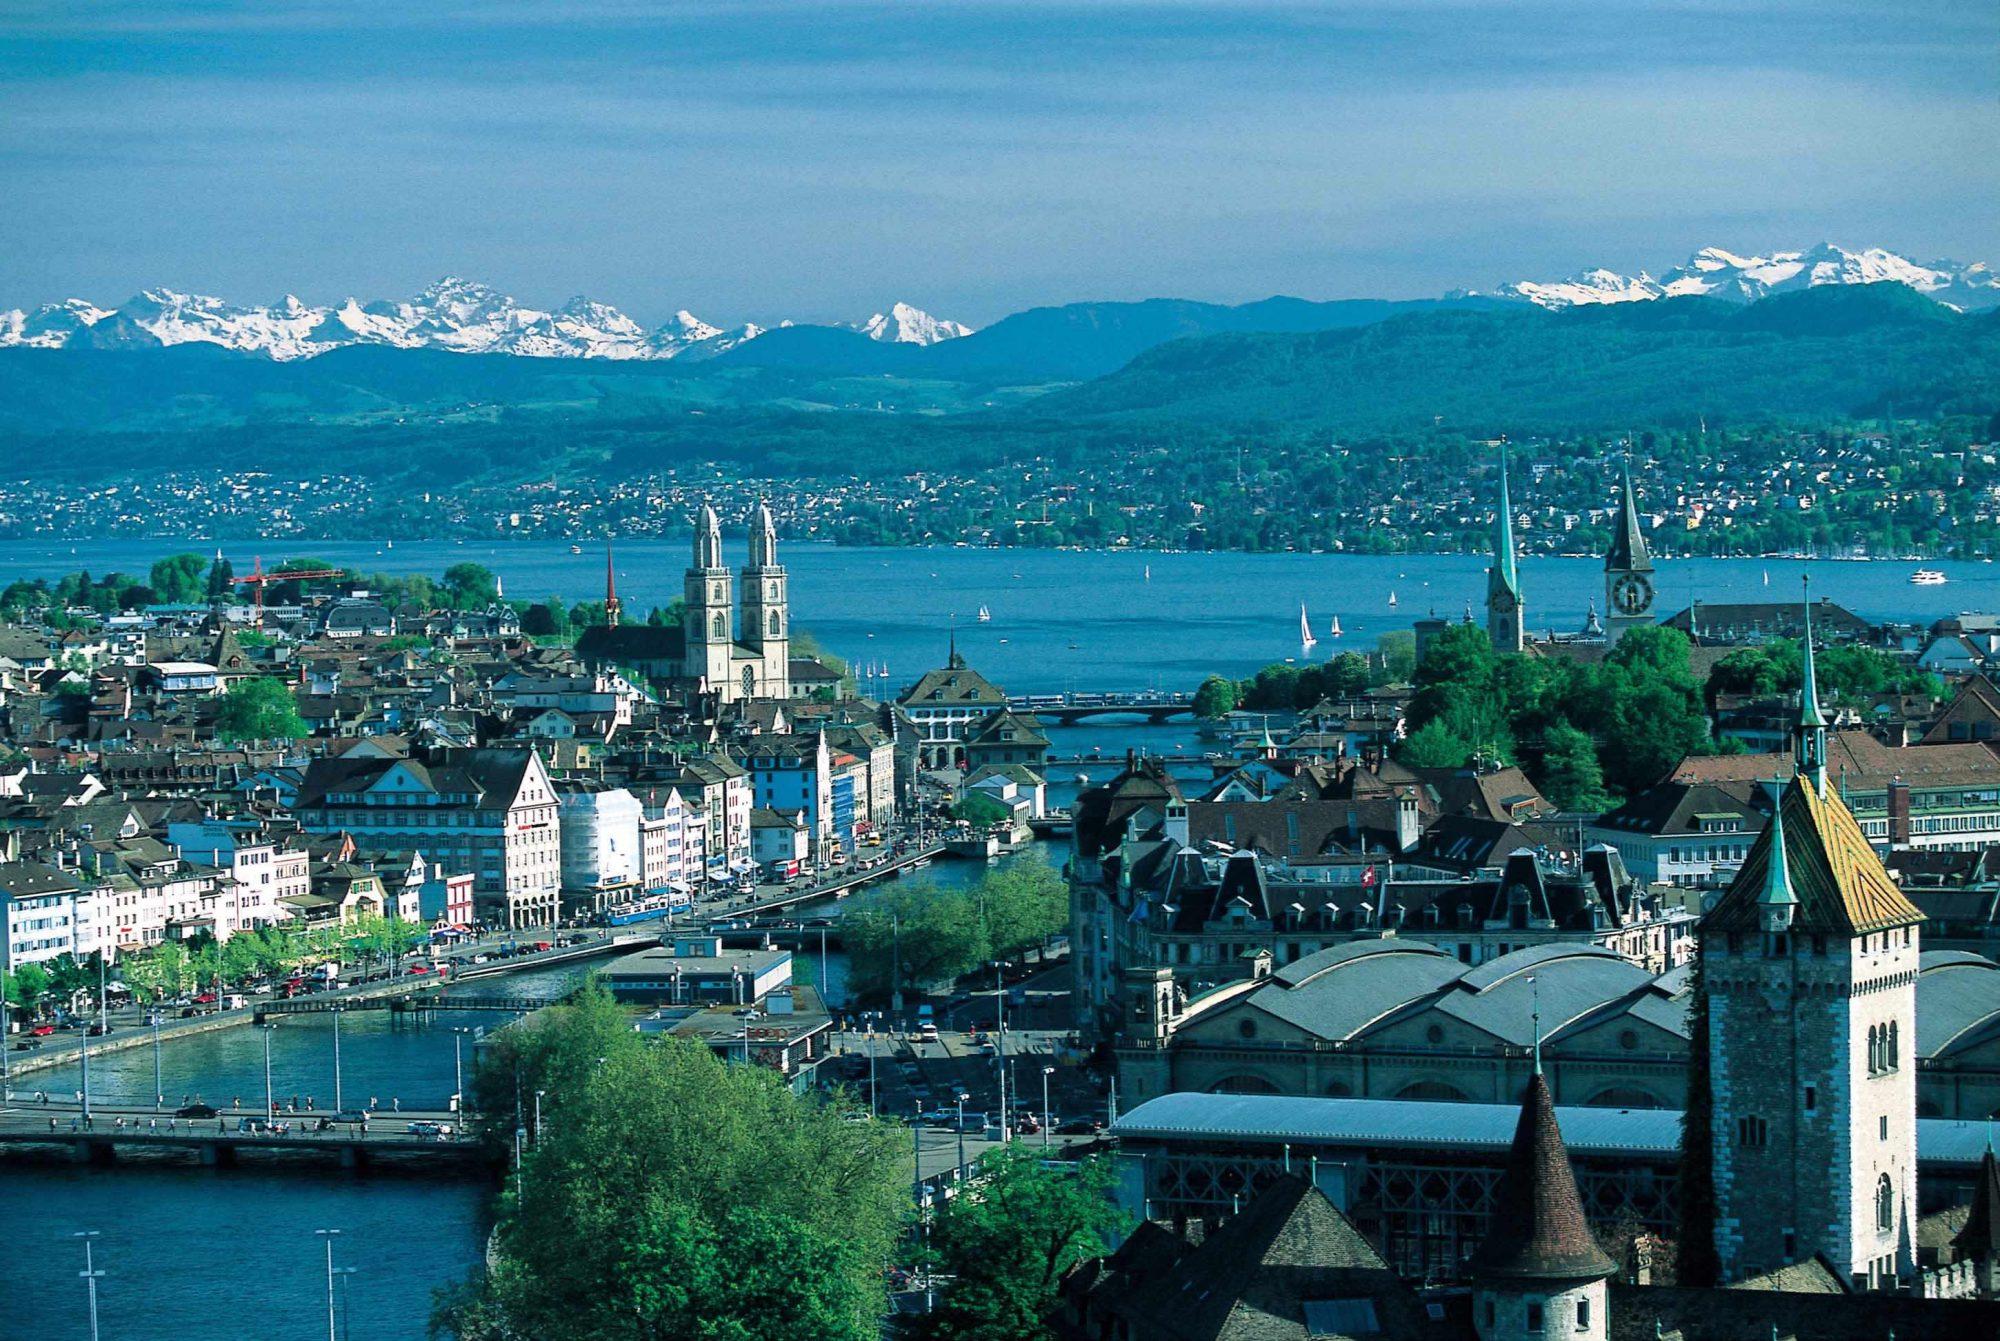 Die Sprachschule Schneider liegt in unmittelbarer Nähe des Zürichsees. Bild: Zurich-Wallpapers